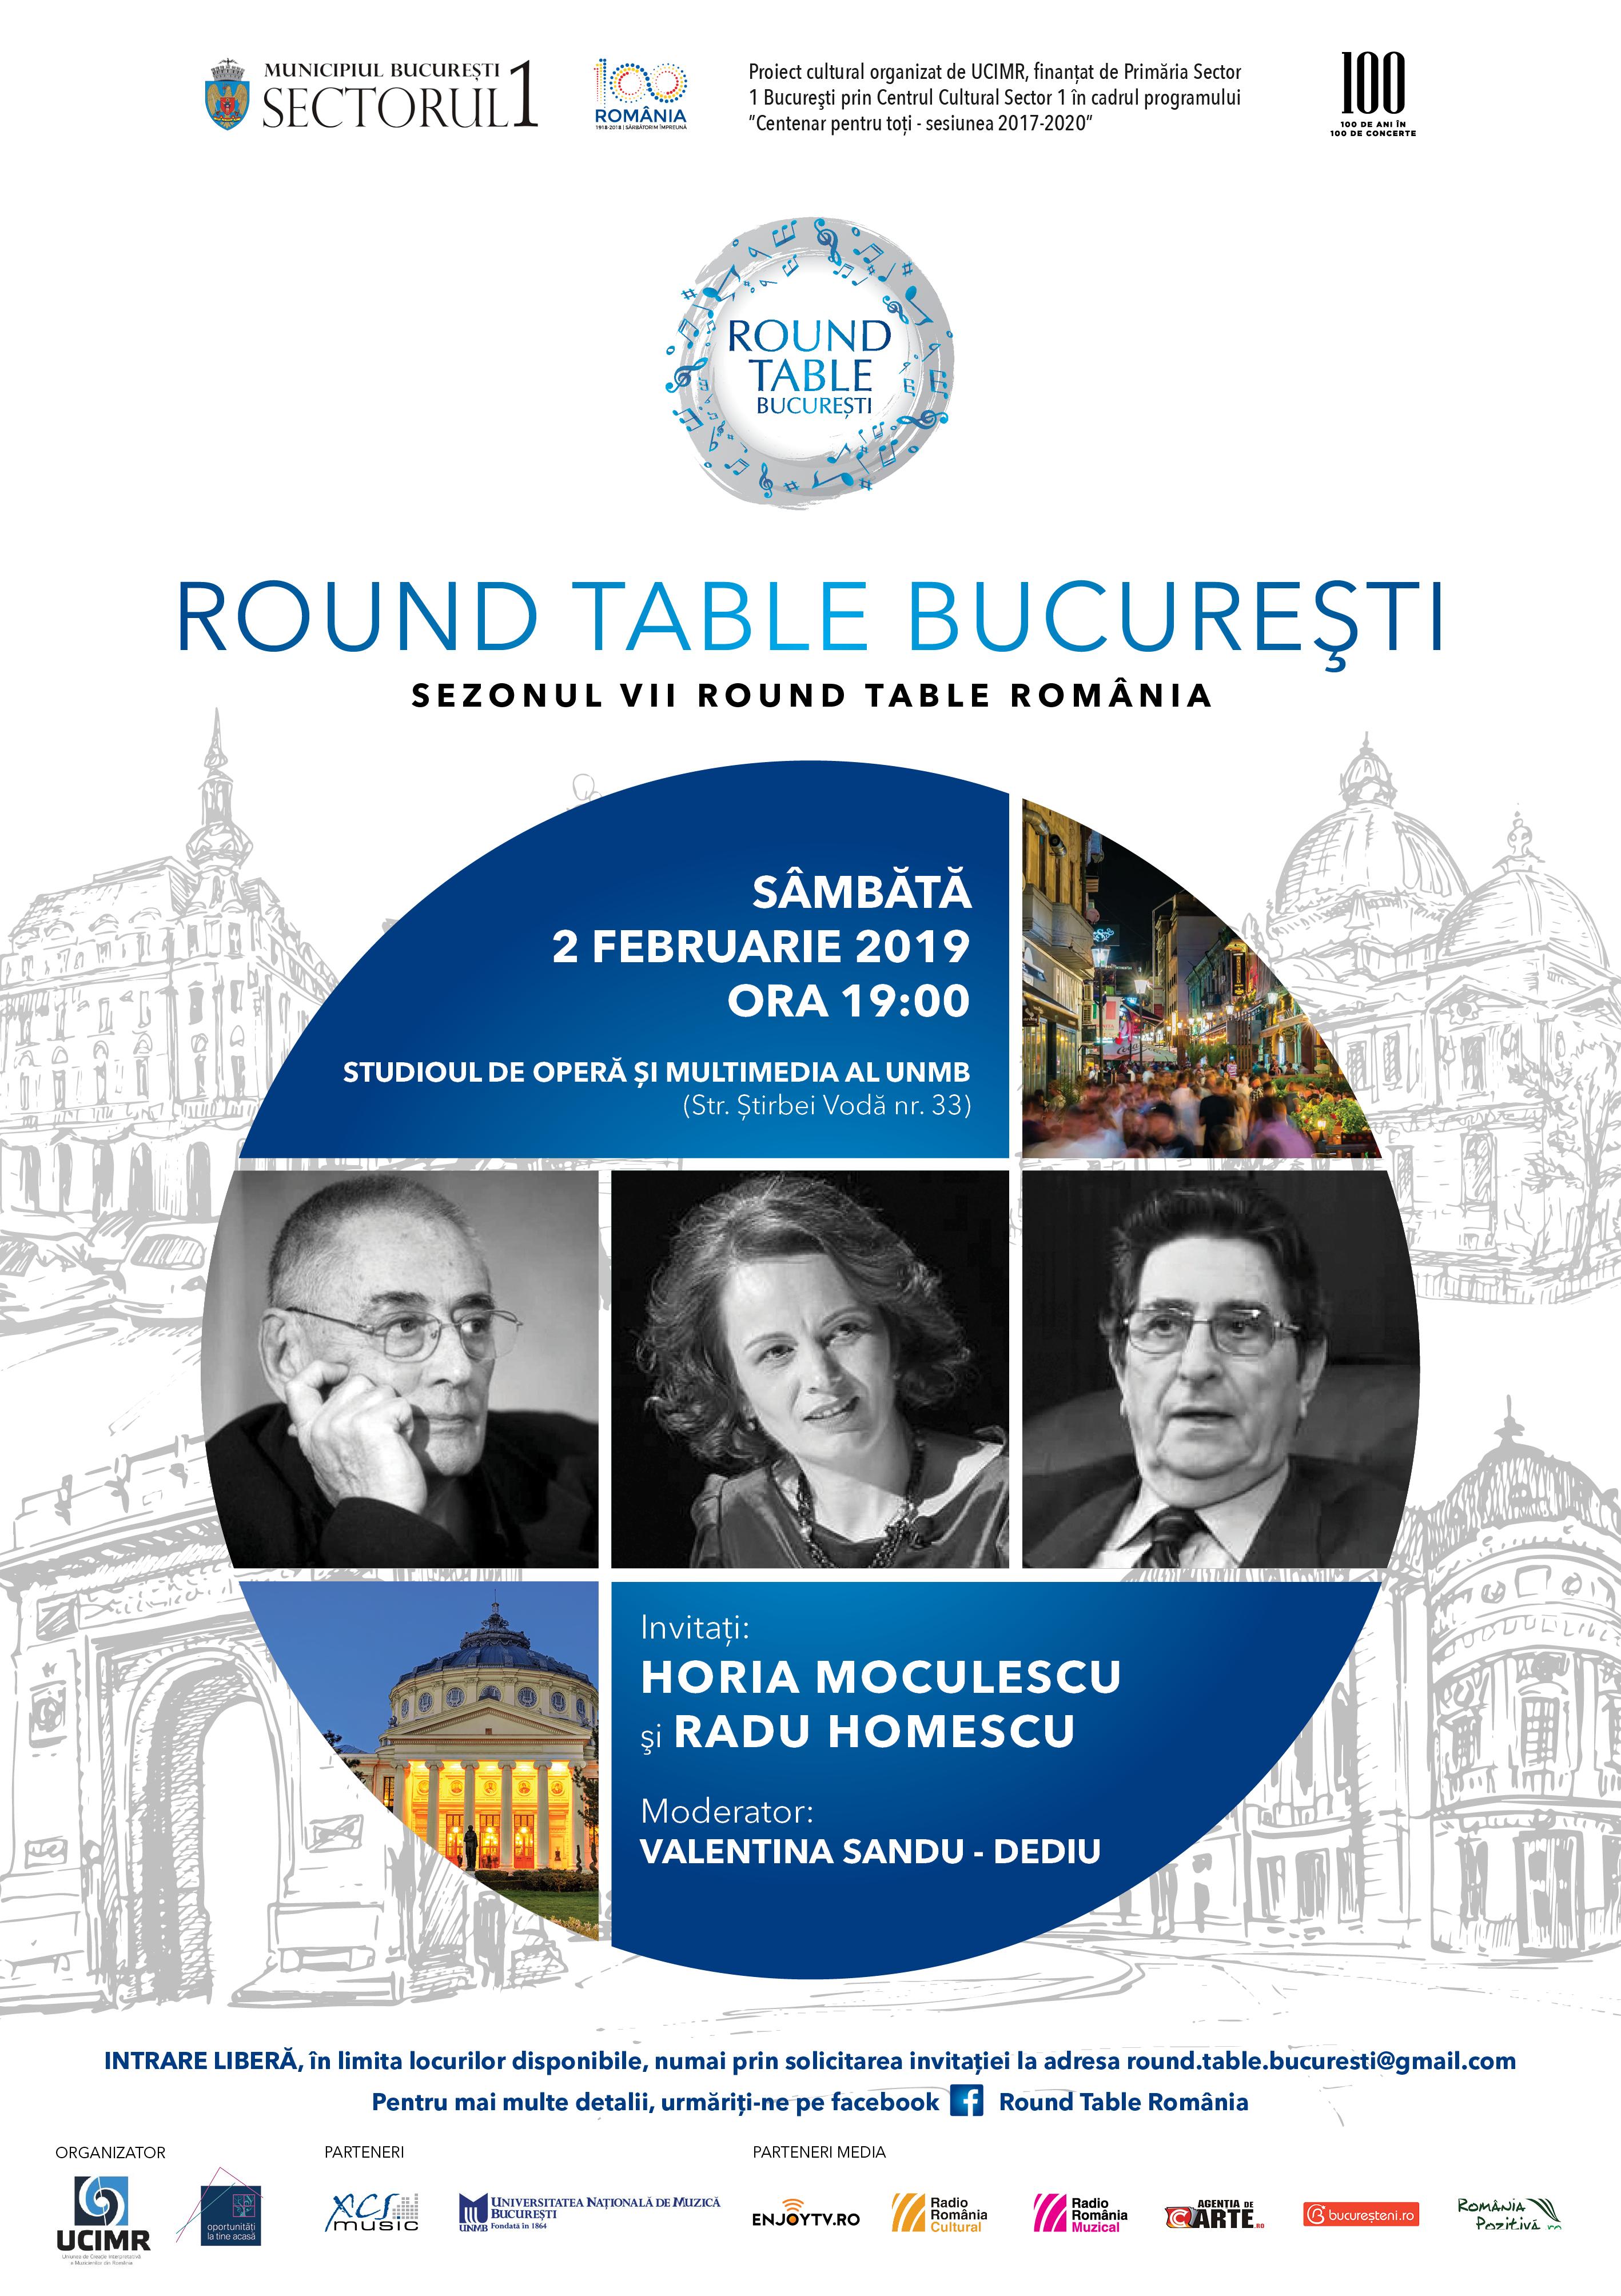 Round Table Horia Moculecu si Radu Homescu